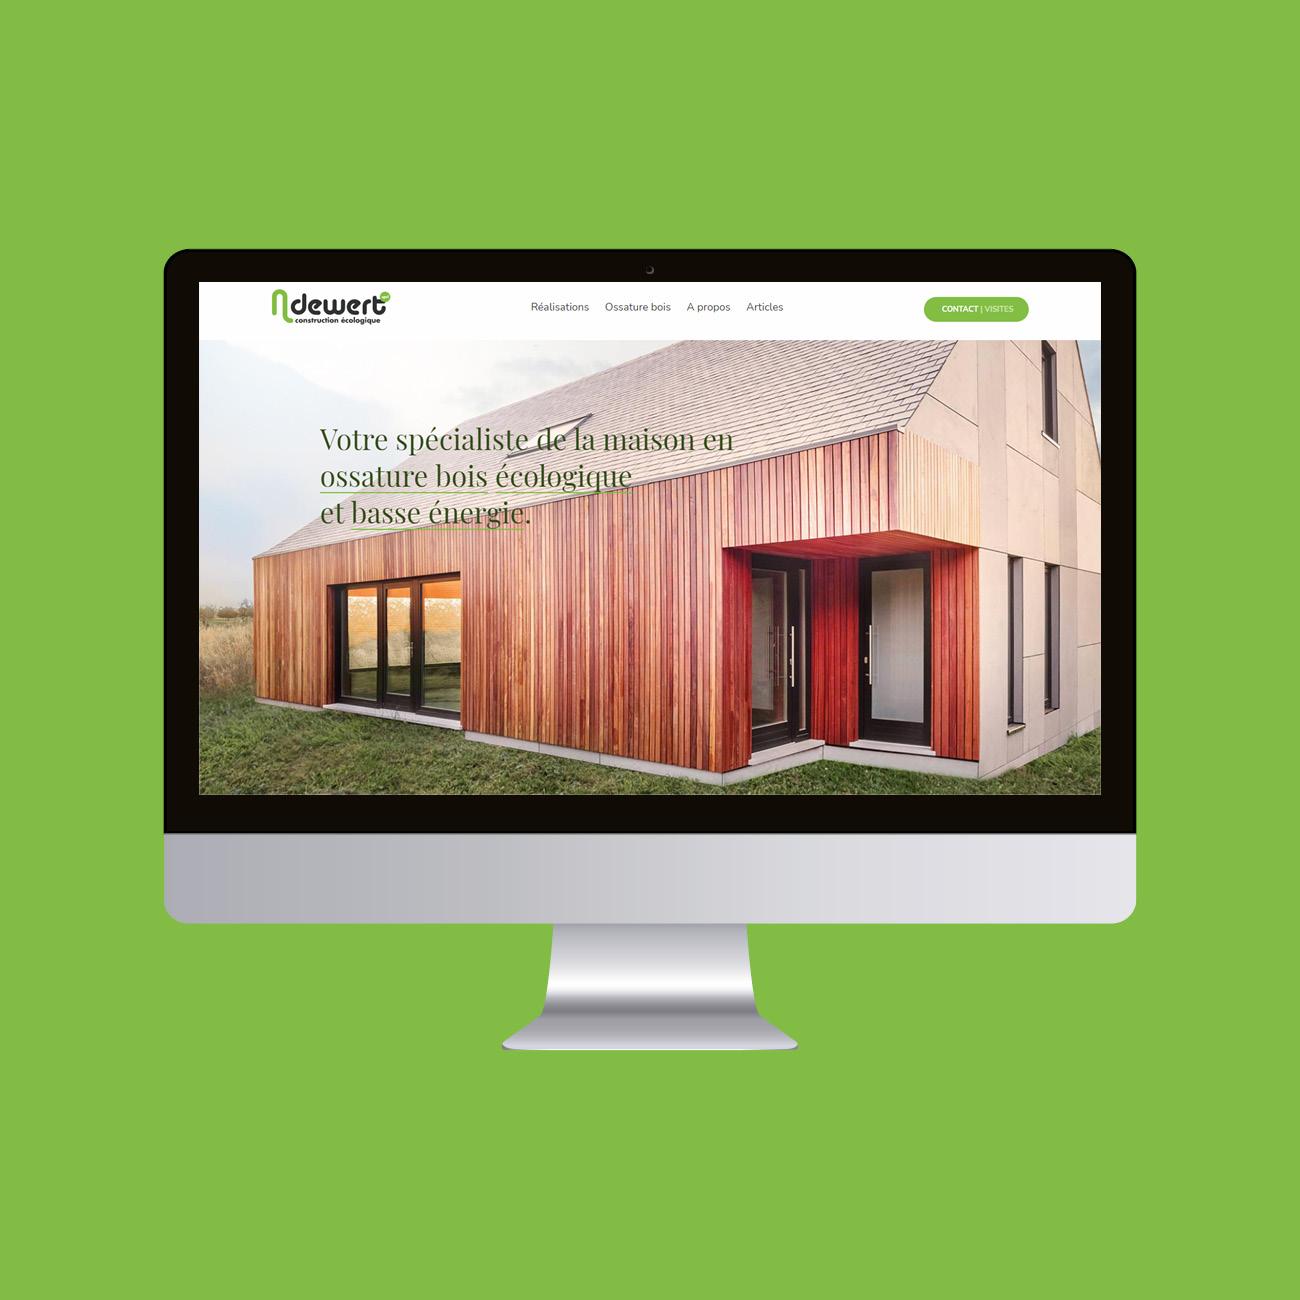 Miko Digital Agence web à Liège - Site web pour N.Dewert